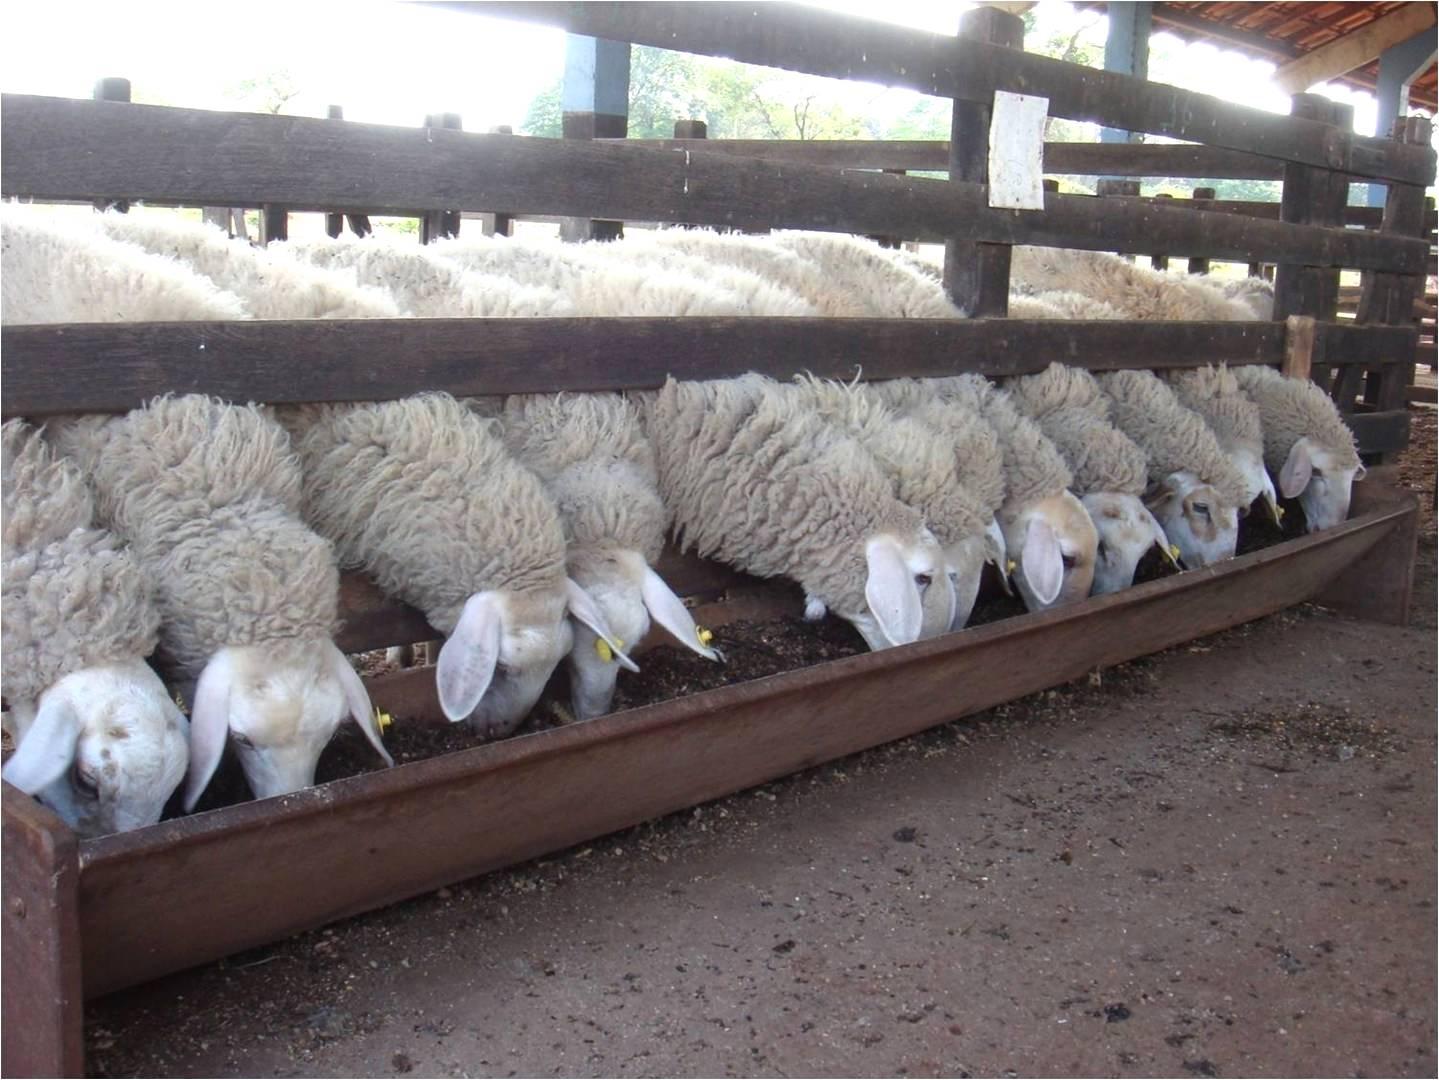 Criação de ovinos pode ser lucrativa